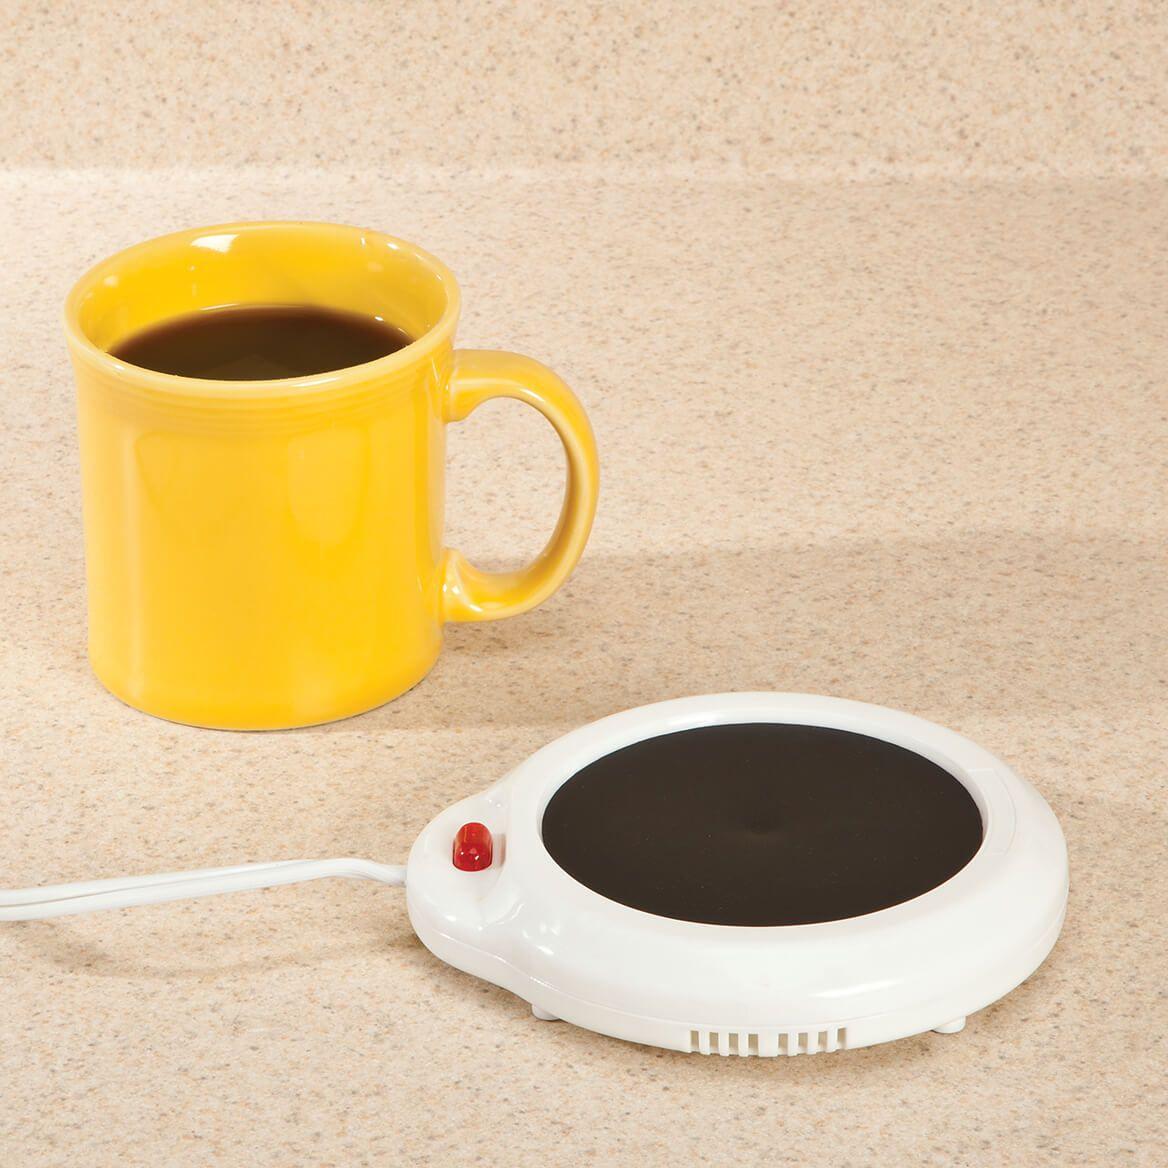 Compact Mug Warmer-347610